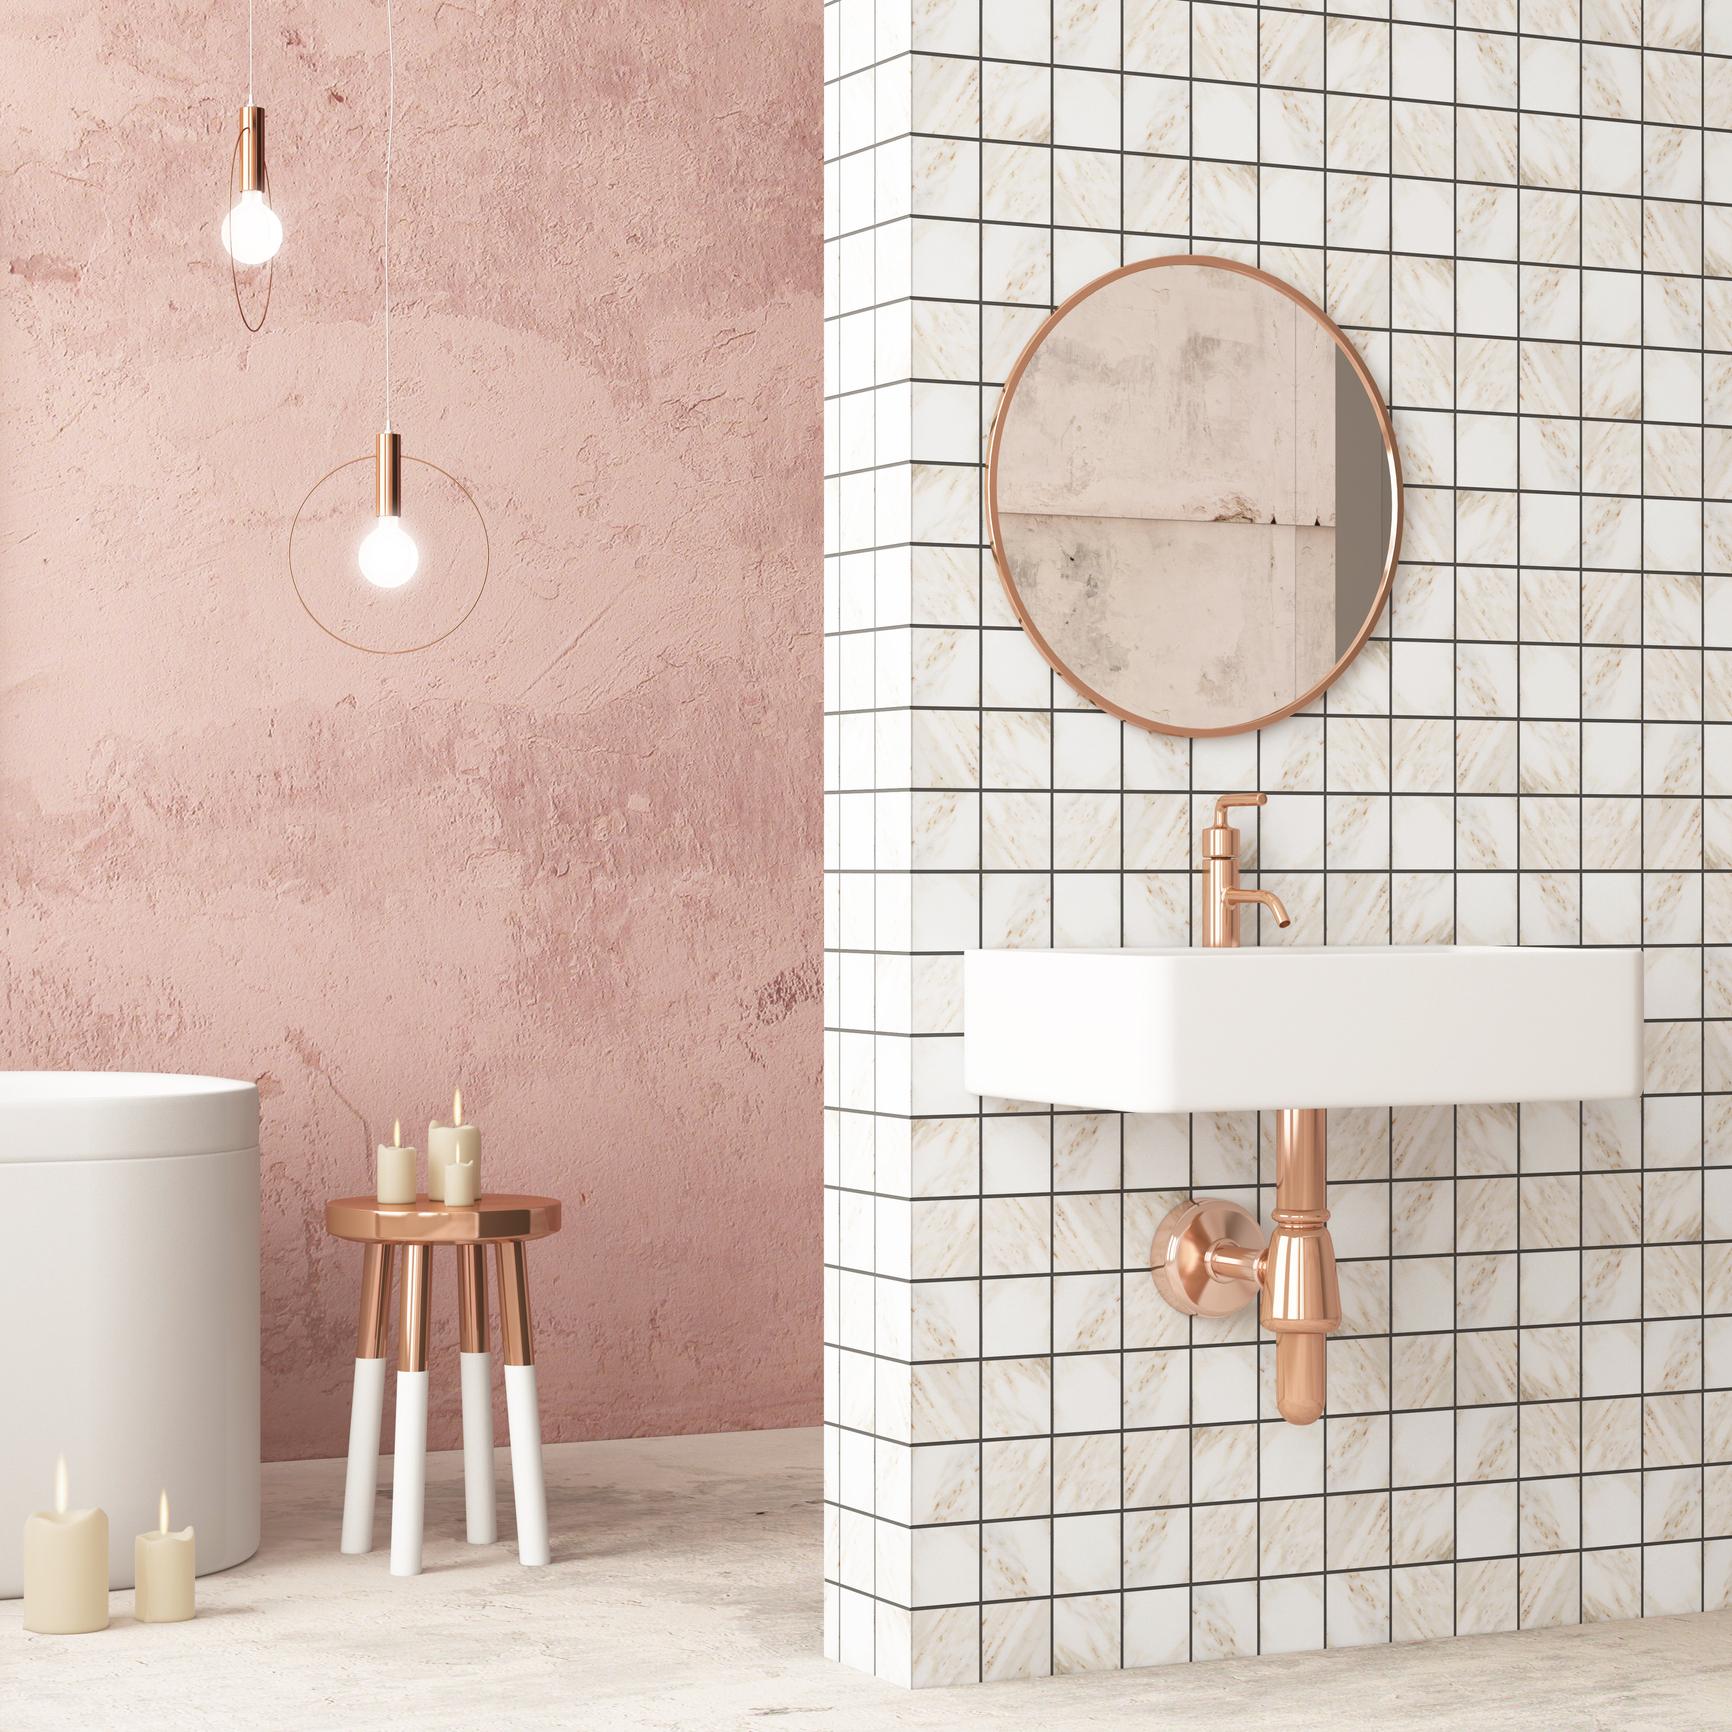 łazienka urządzona na biało i różowo